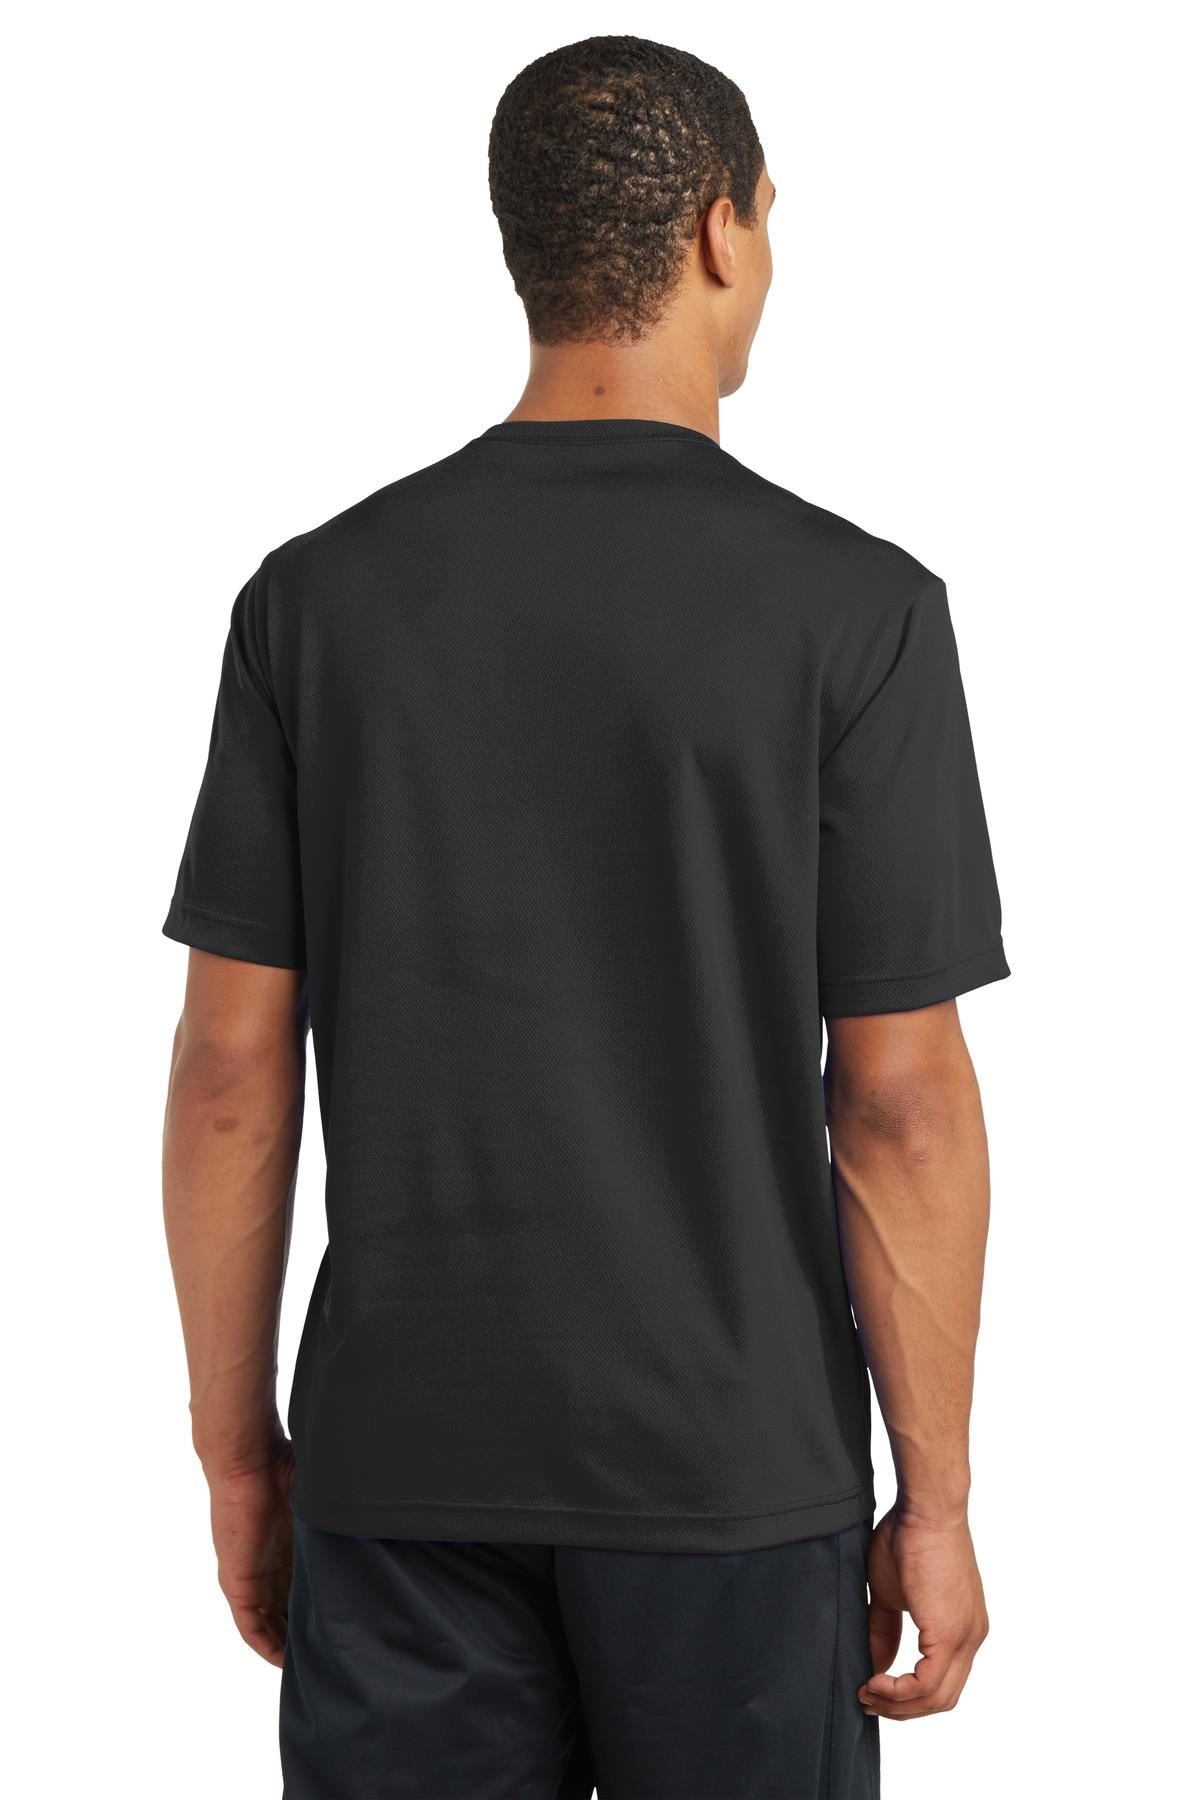 thumbnail 5 - Sport-Tek Men's Dry-Fit RacerMesh Moisture Wicking T-Shirt M-ST340